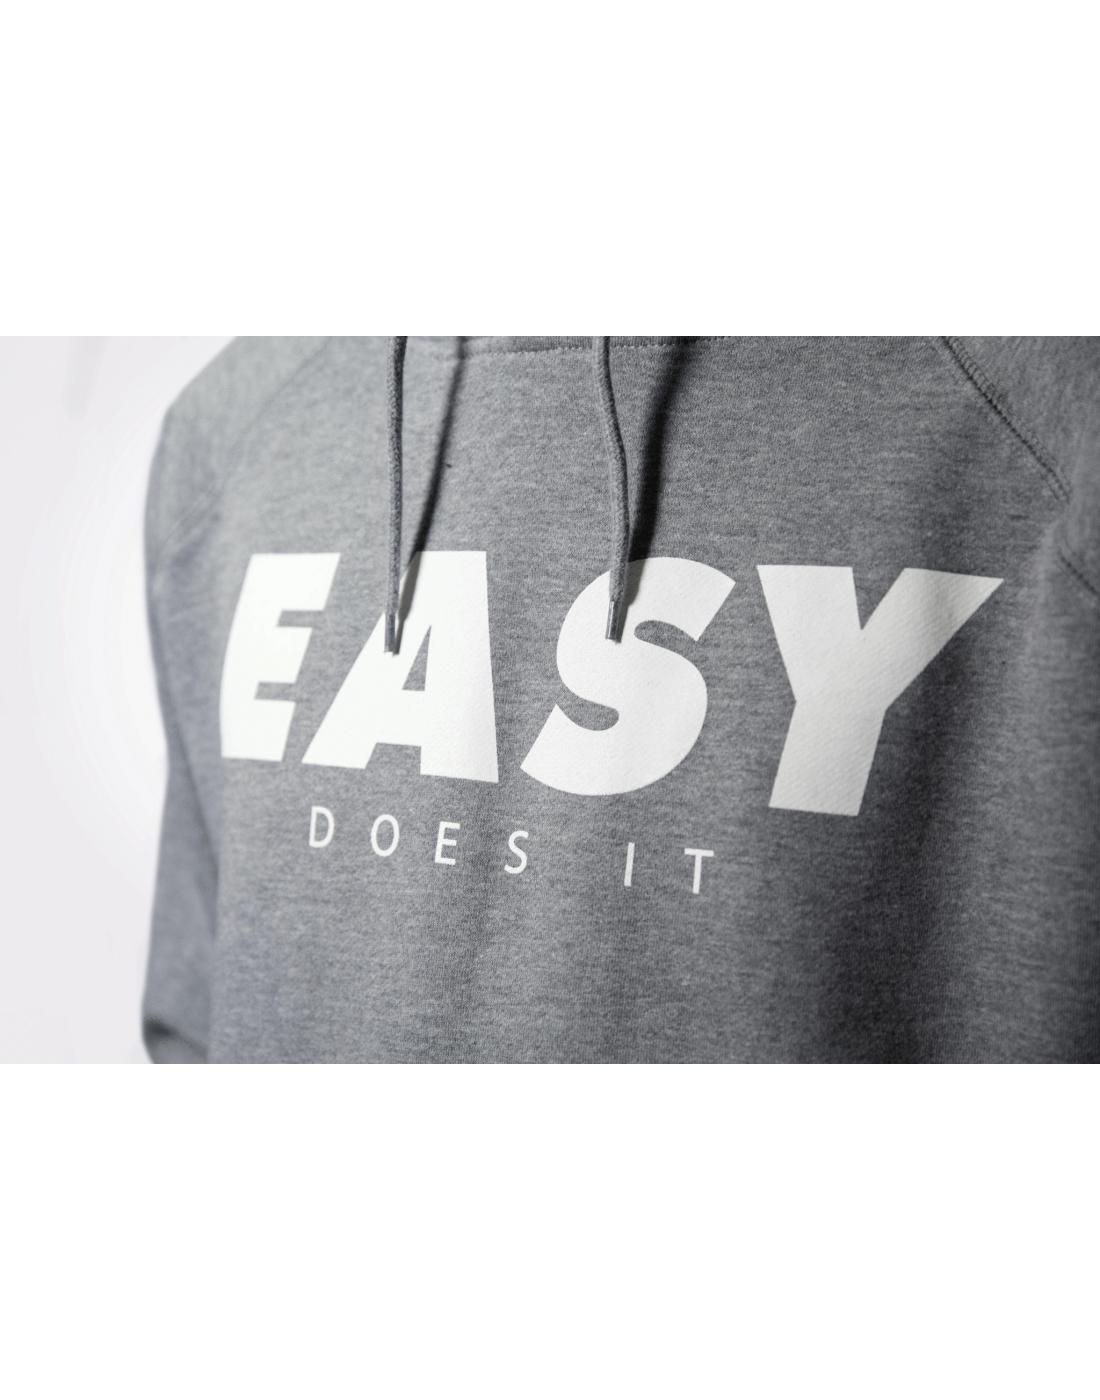 EASY Hoodie Grey